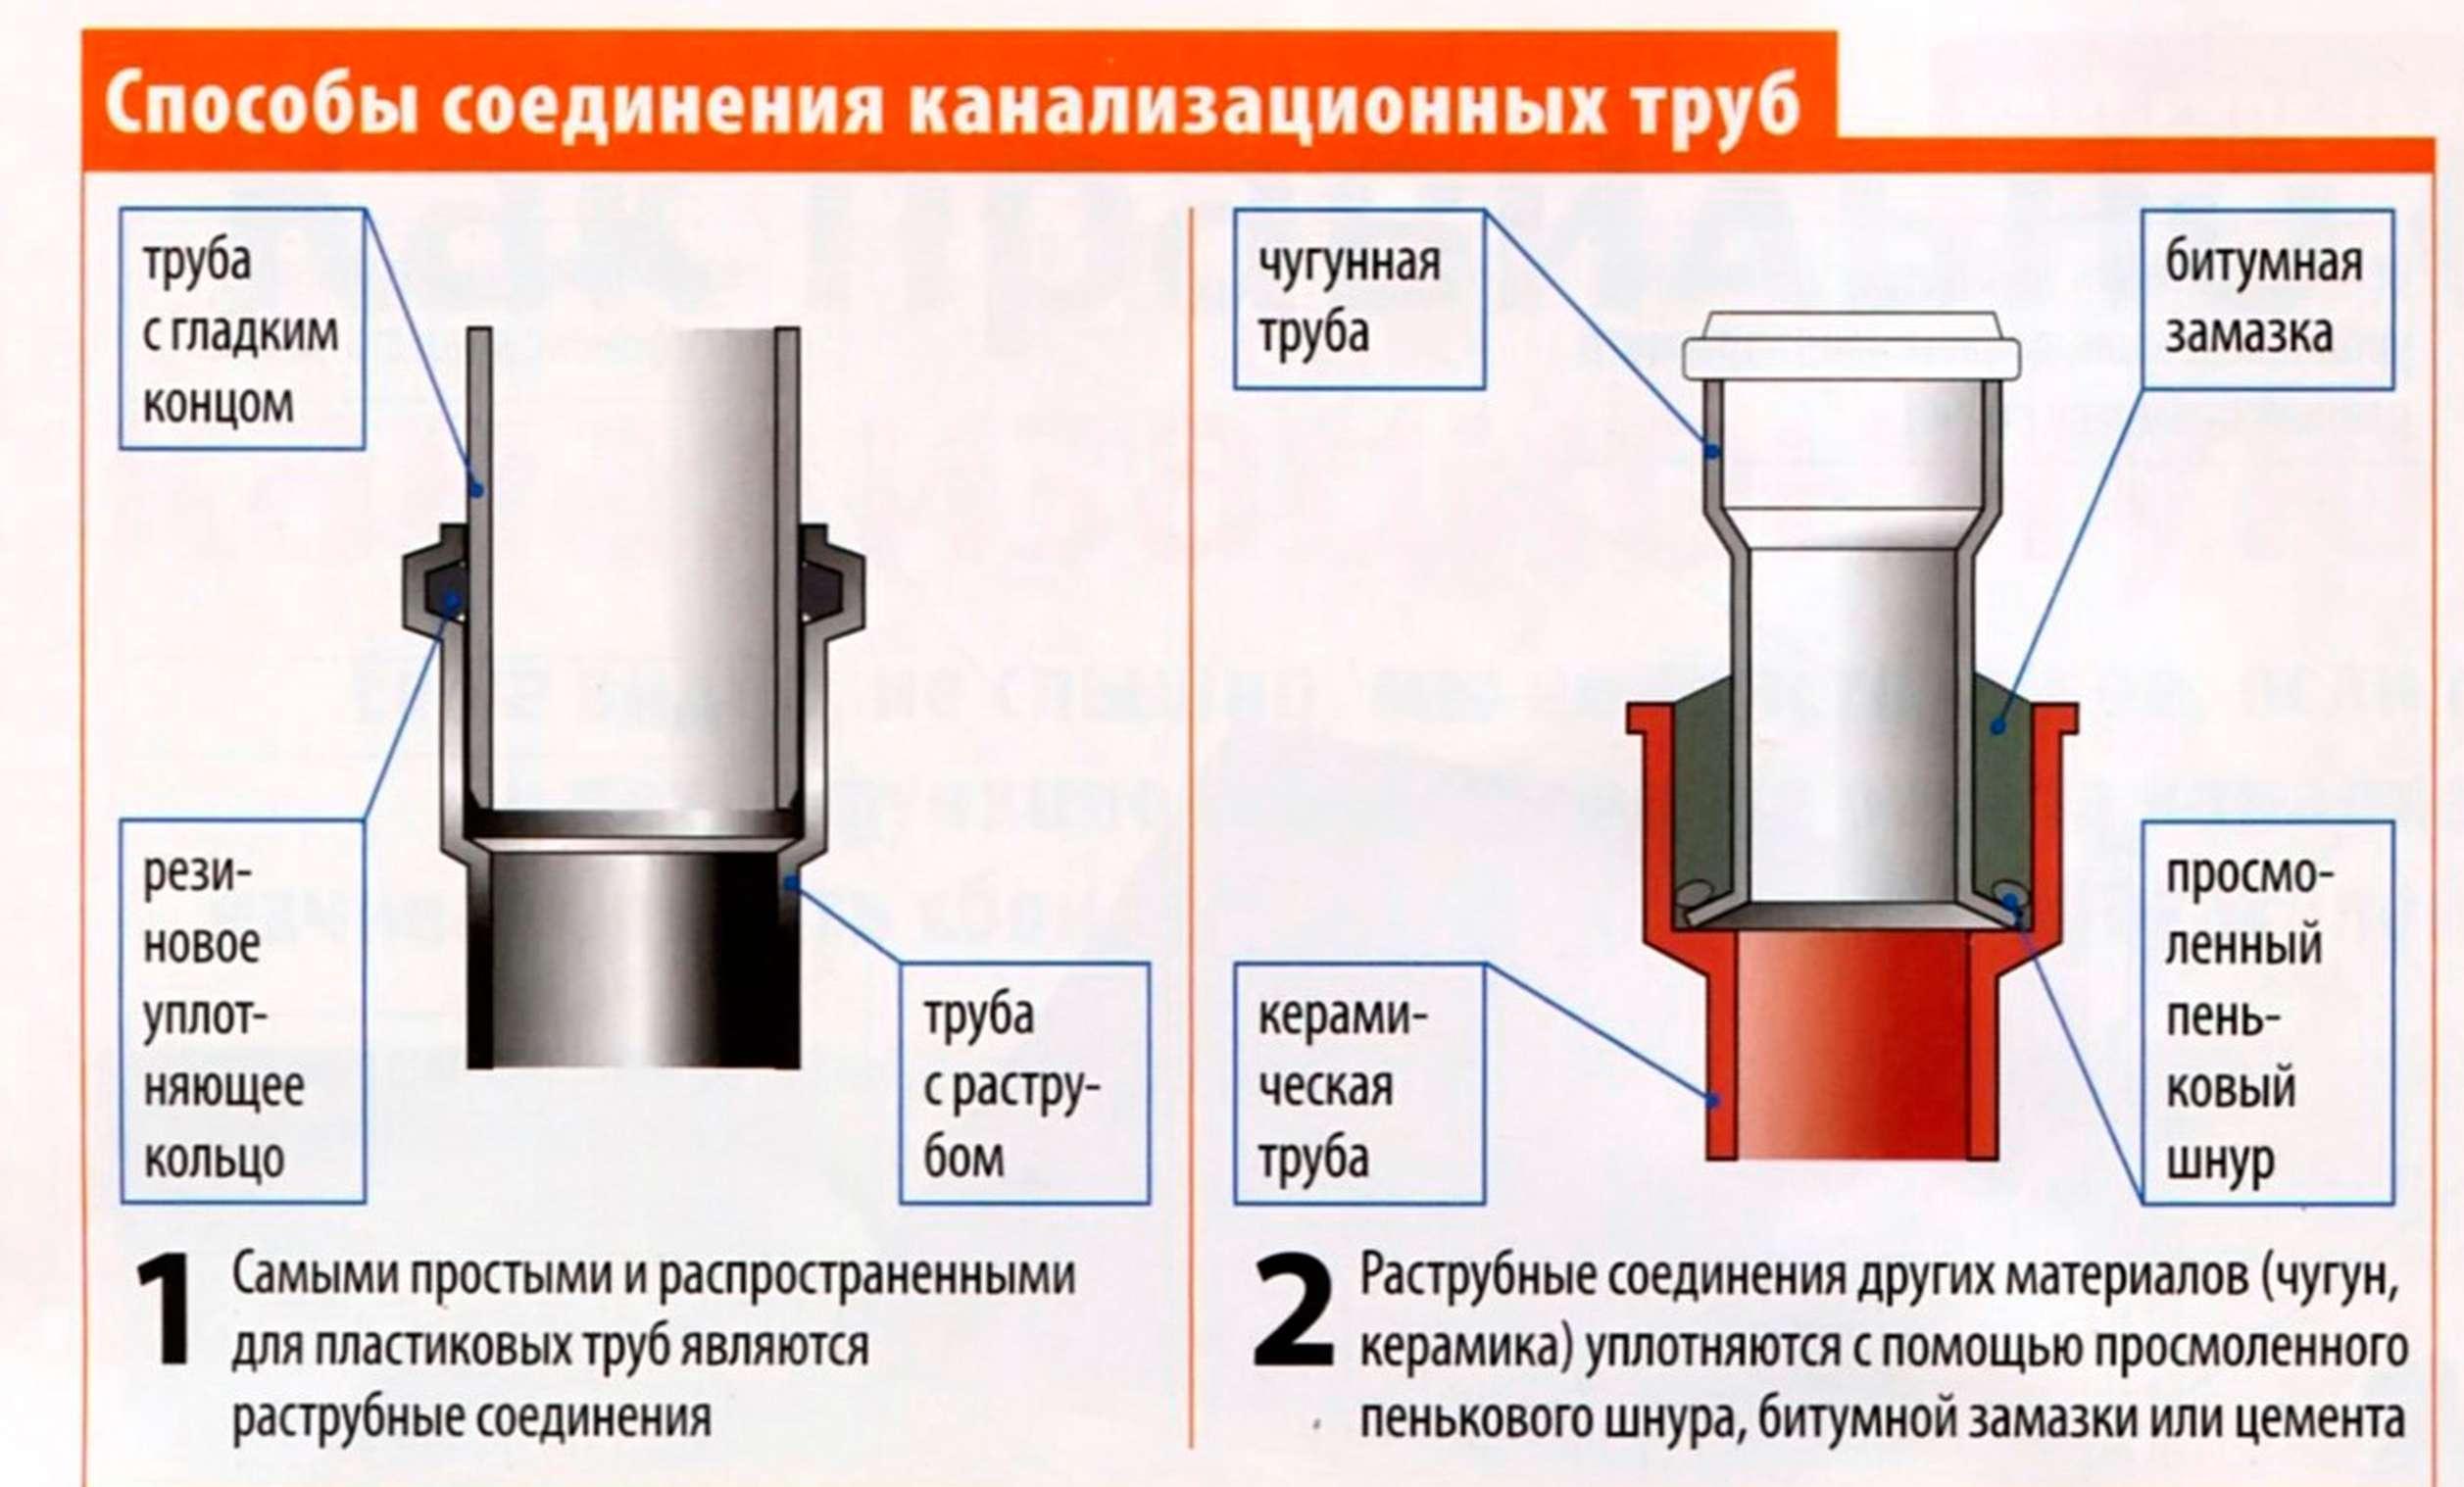 Полезная информация — какой уклон канализационной трубы должен быть